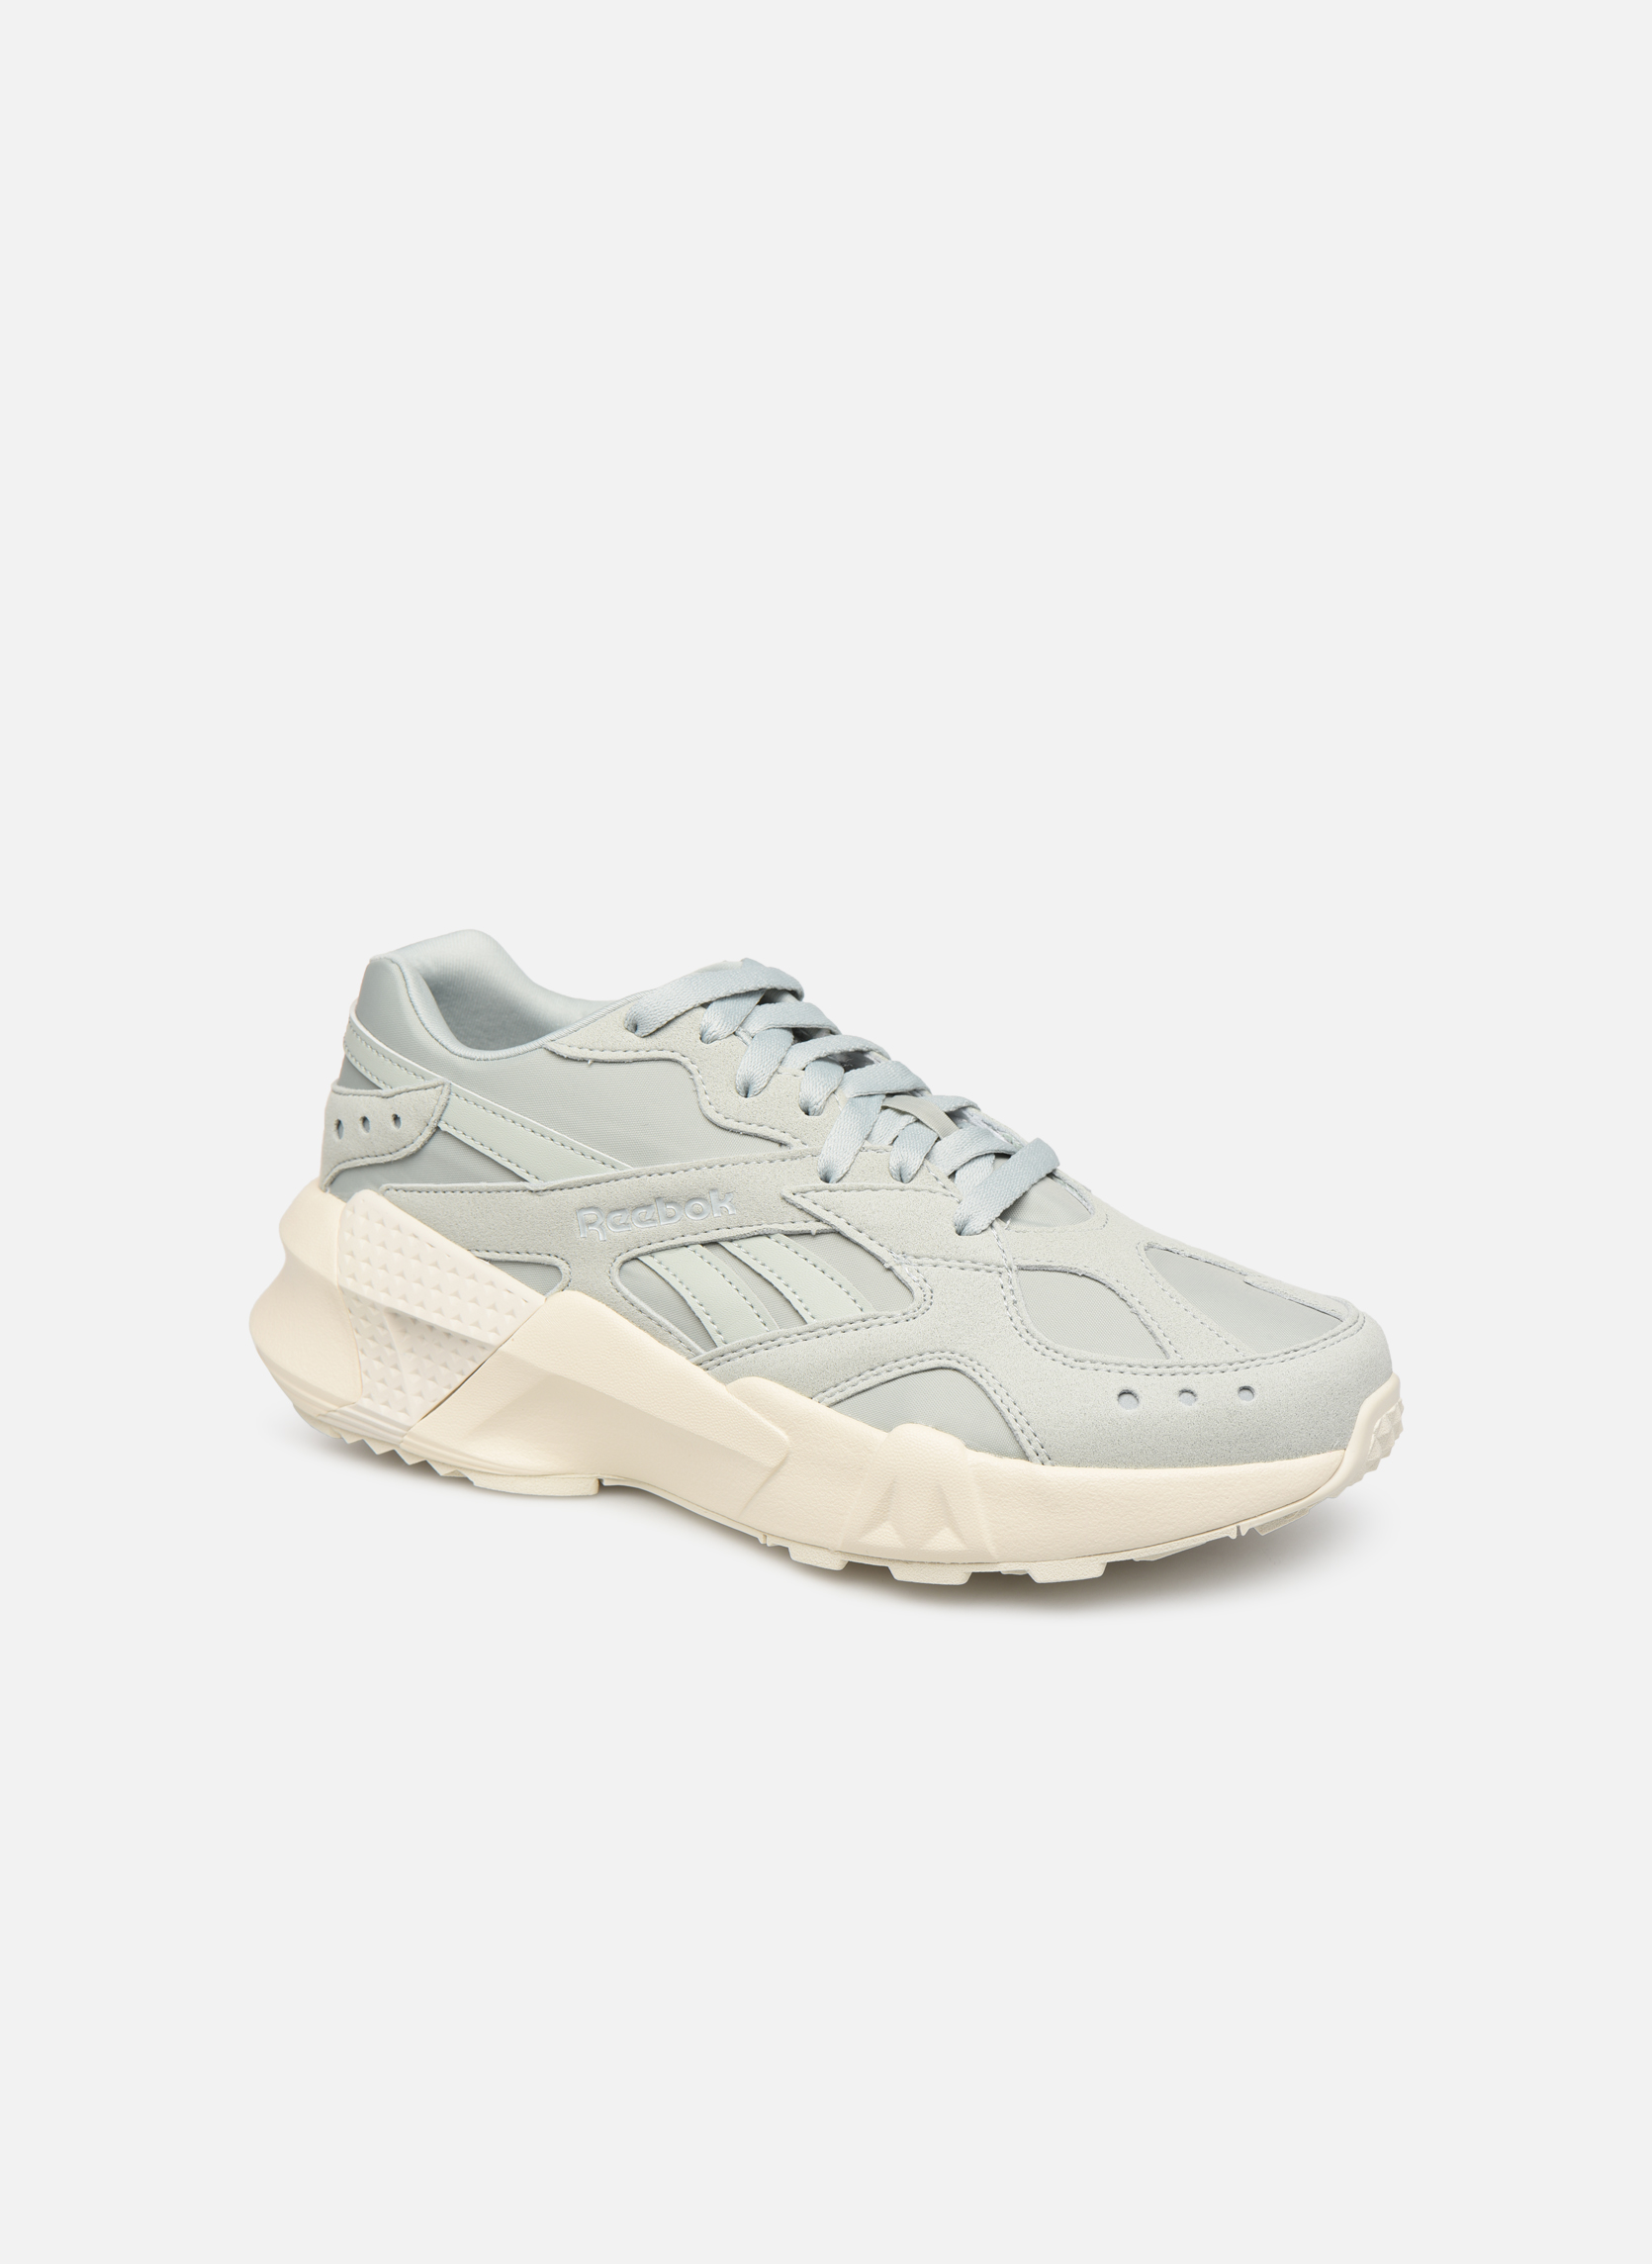 Sneakers Aztrek Double 93 W by Reebok